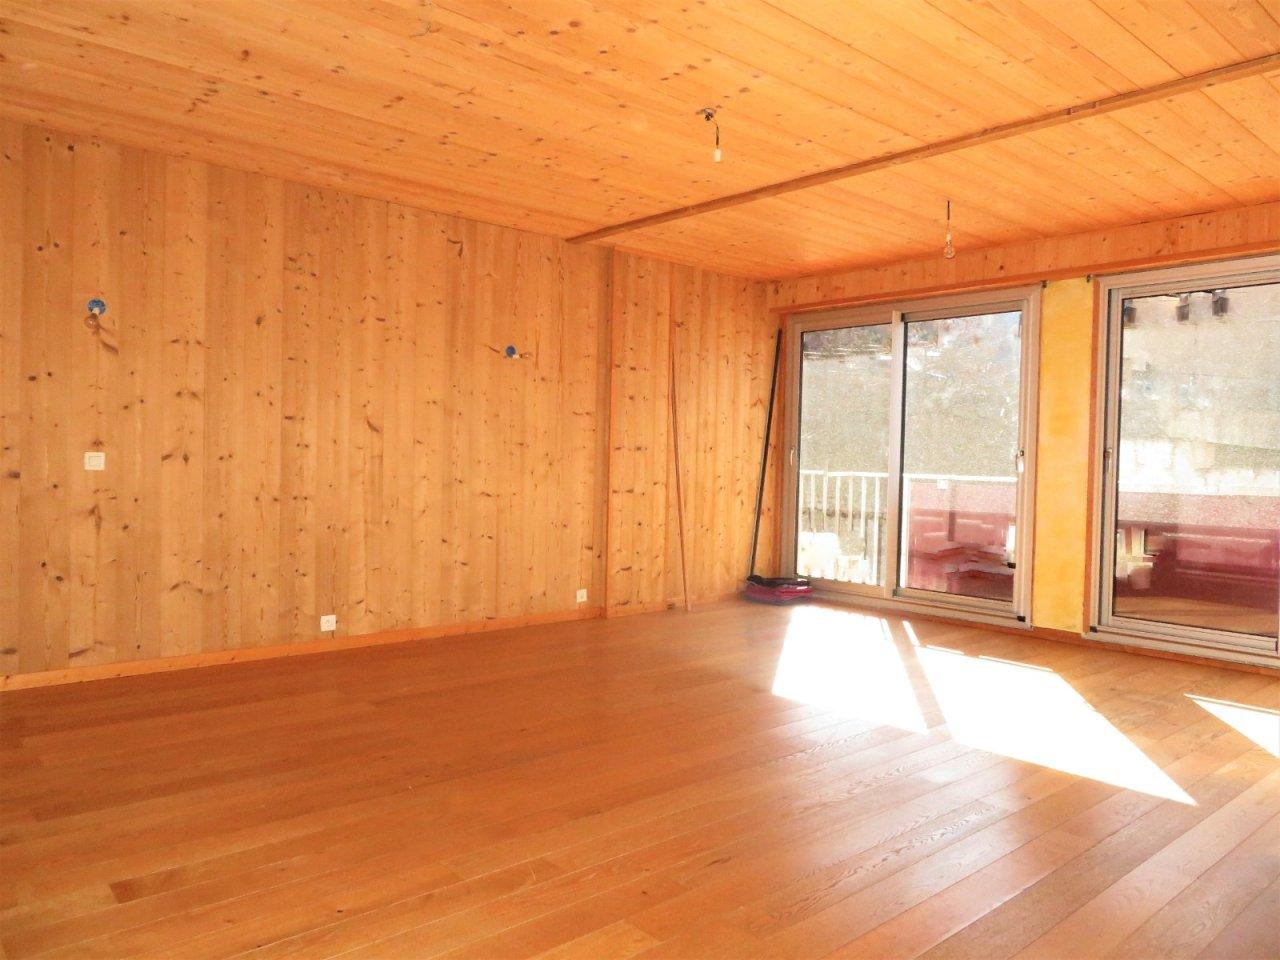 APPARTEMENT T4 A VENDRE - BRIANCON - 82,14 m2 - 173000 €